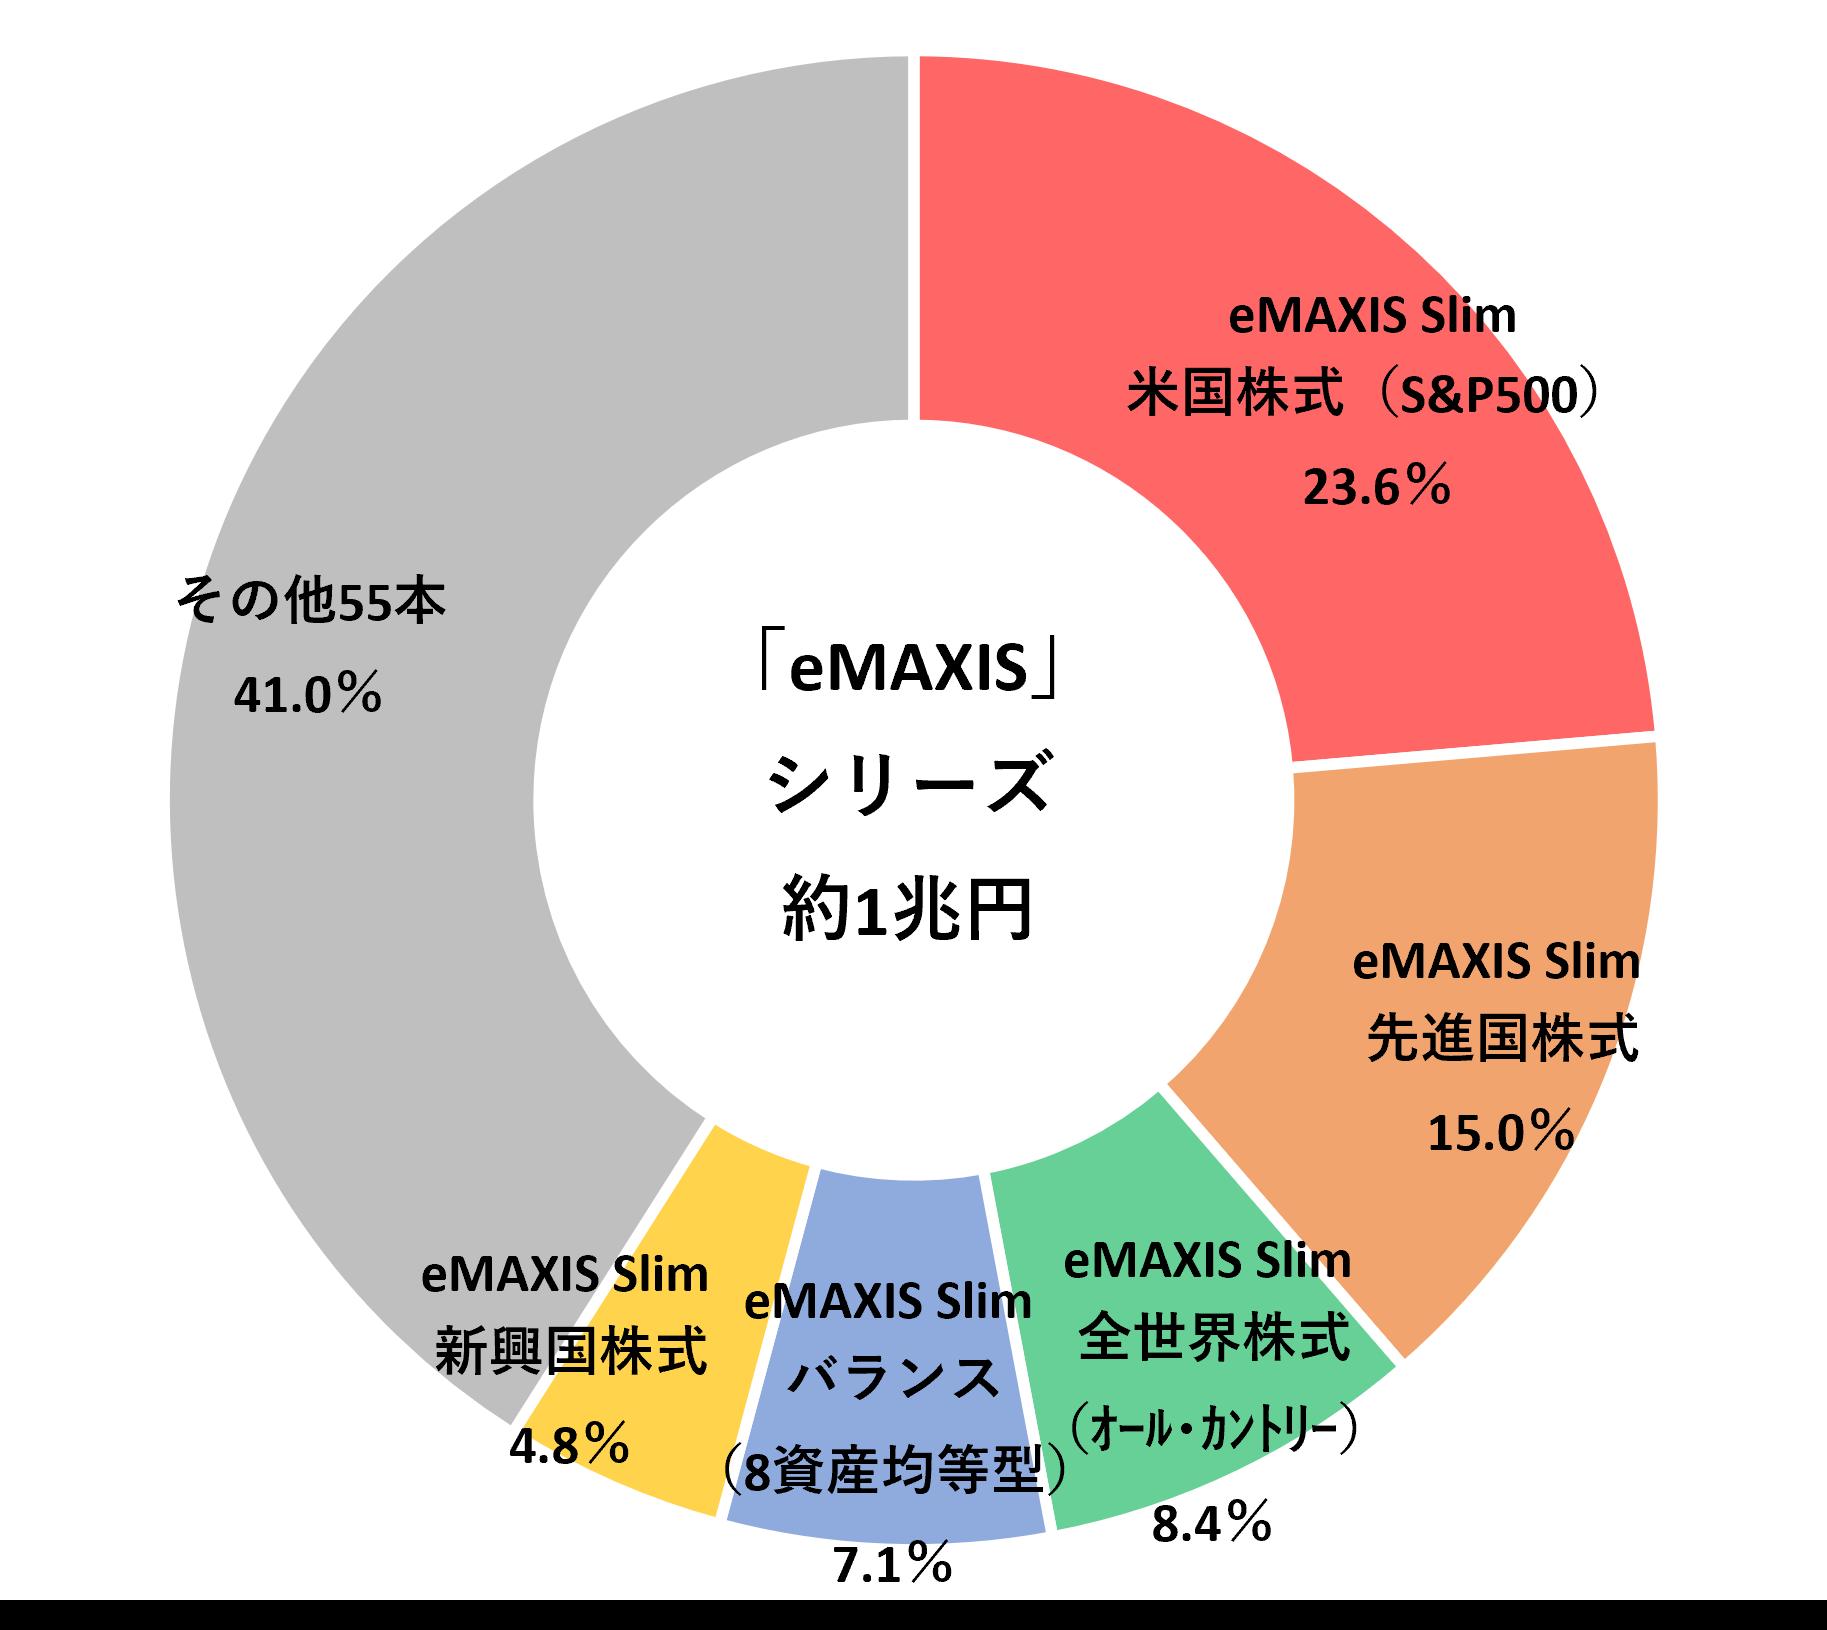 eMAXISシリーズの上位売上5ファンド